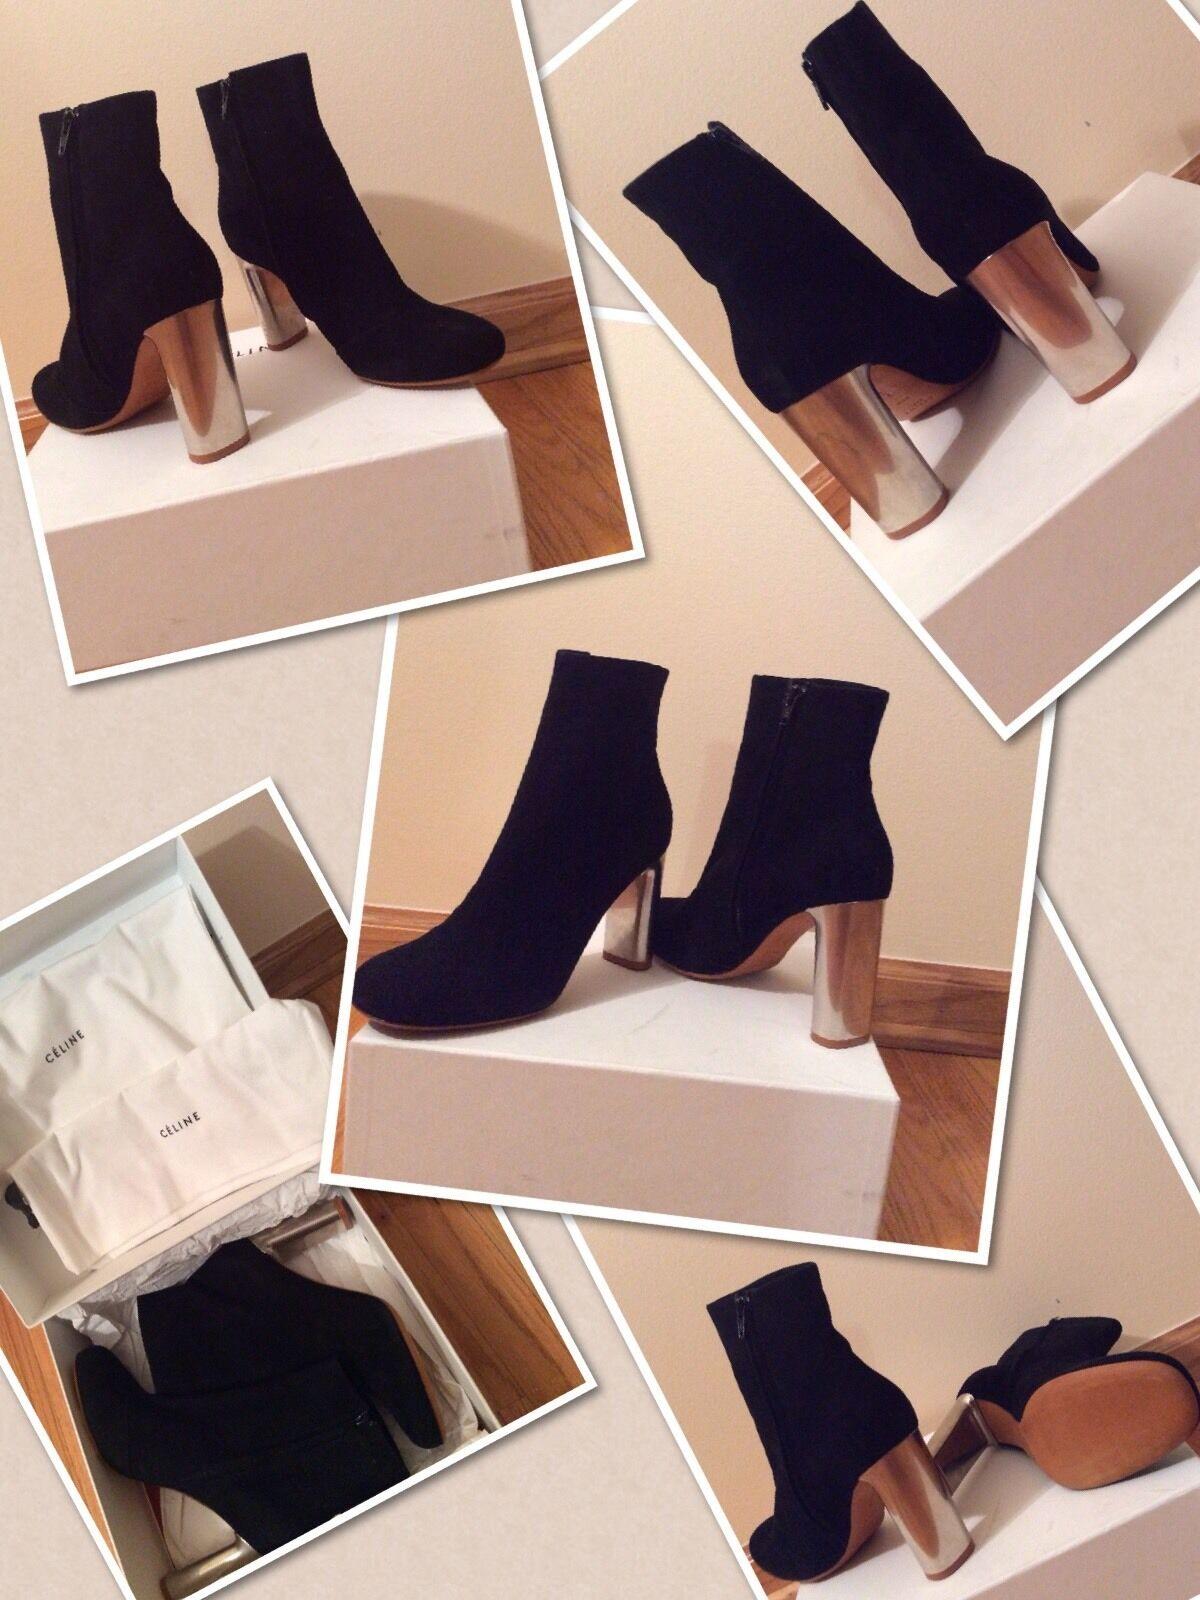 NEW Celine High heels Boots sz 9,5